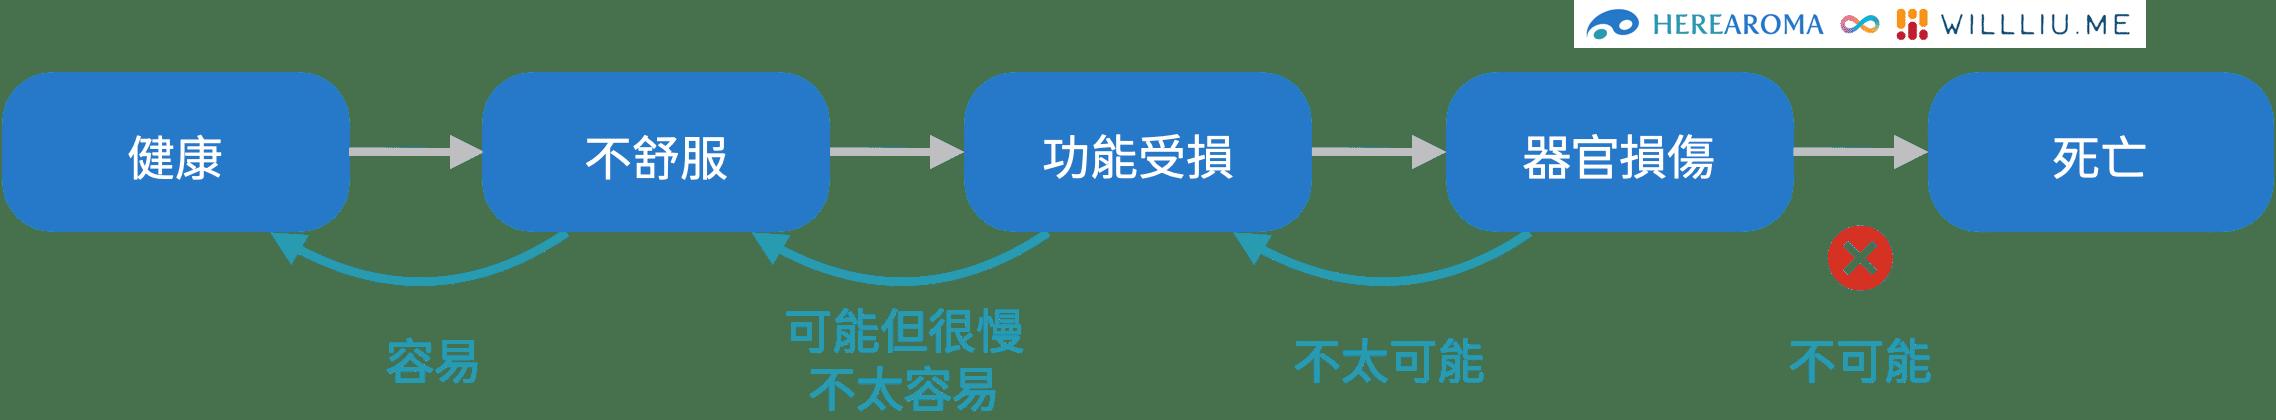 健康與死亡之間的關係,整理自《身心對話日本操体技巧 So-tai Technique》